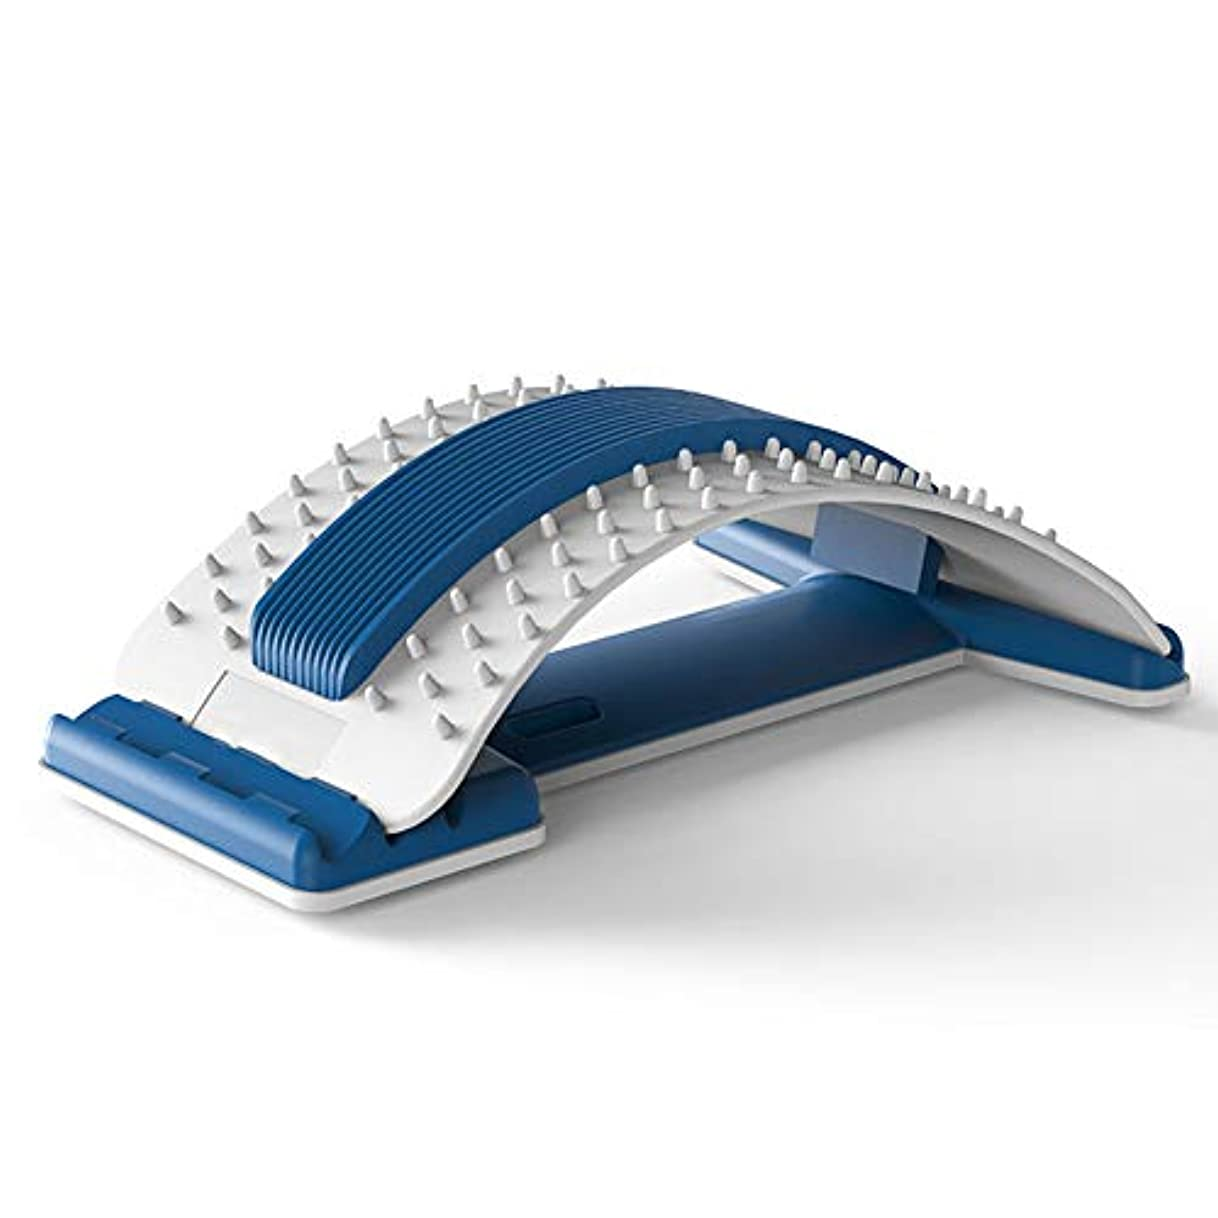 腰椎矯正腰椎間板ヘルニアトラクターポータブル鍼治療パッド腰椎理学療法器具家庭用車